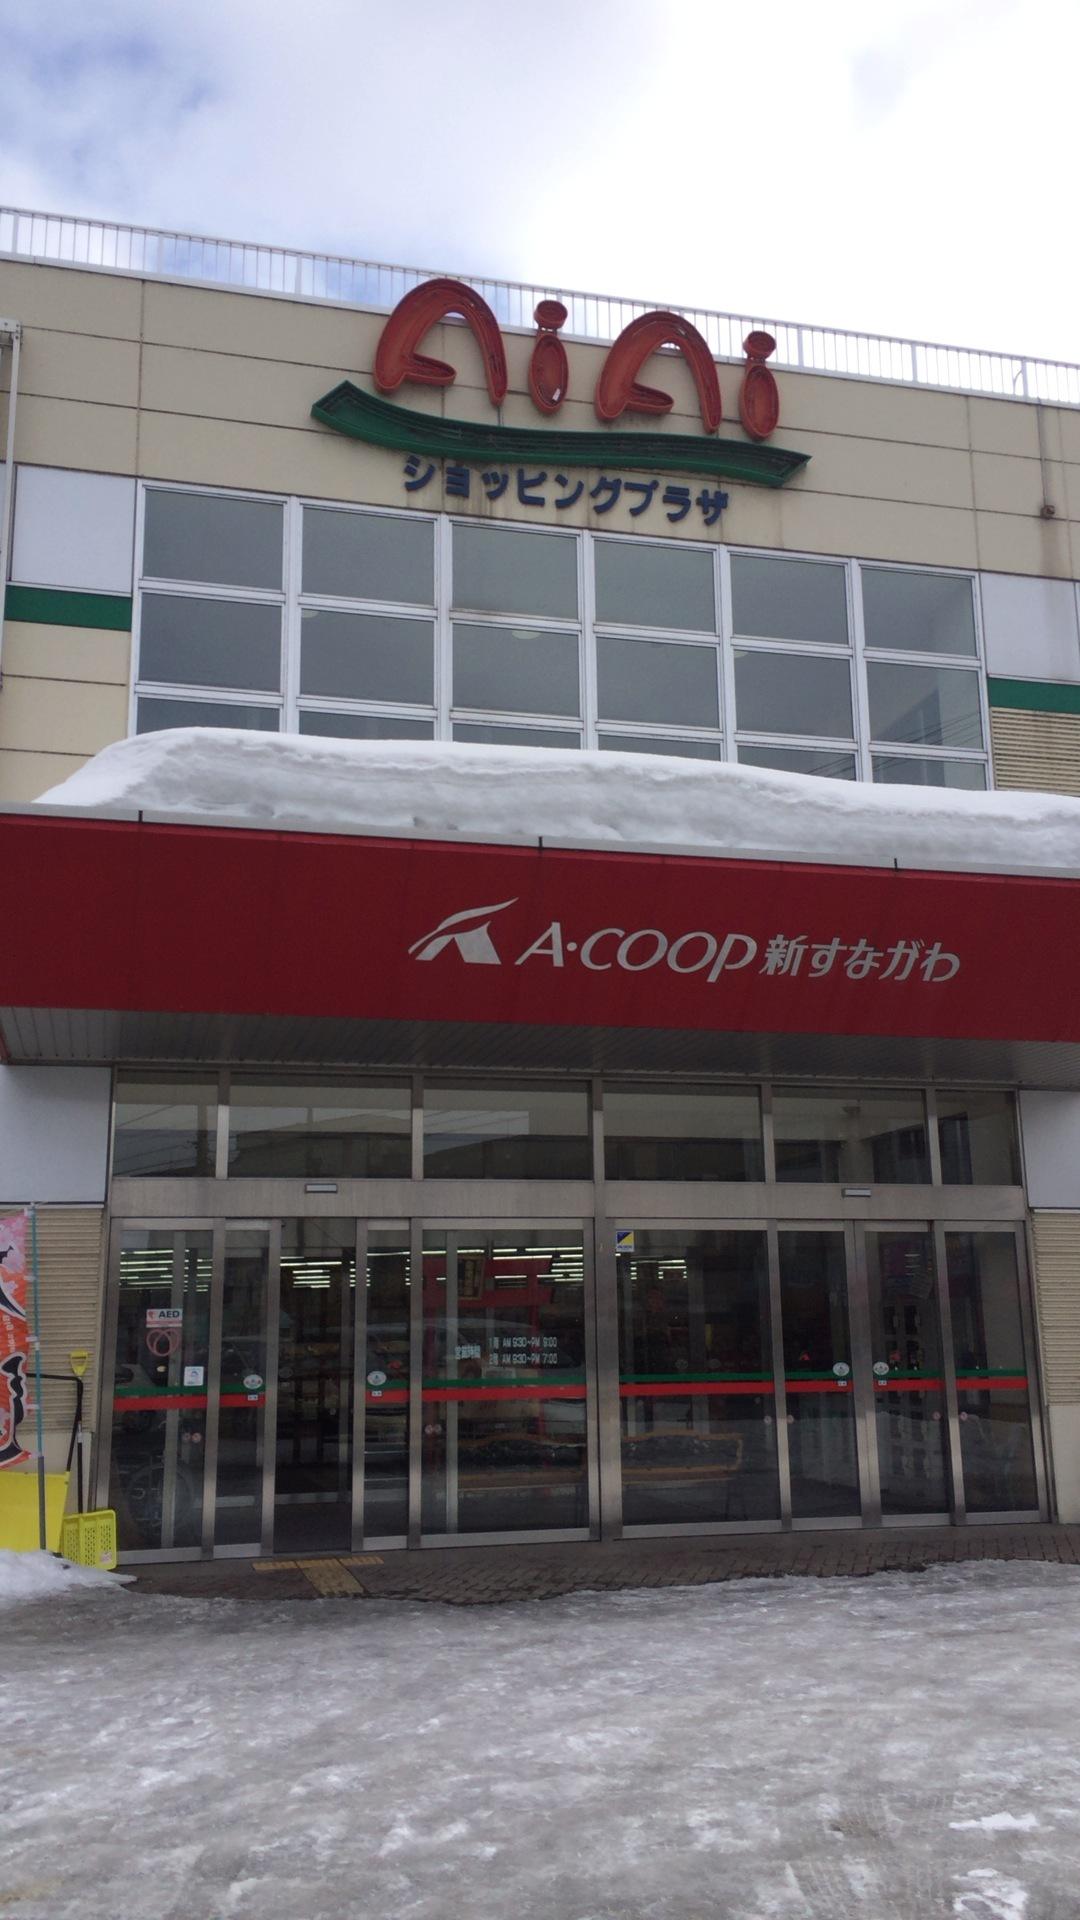 ほんだ AiAi砂川店